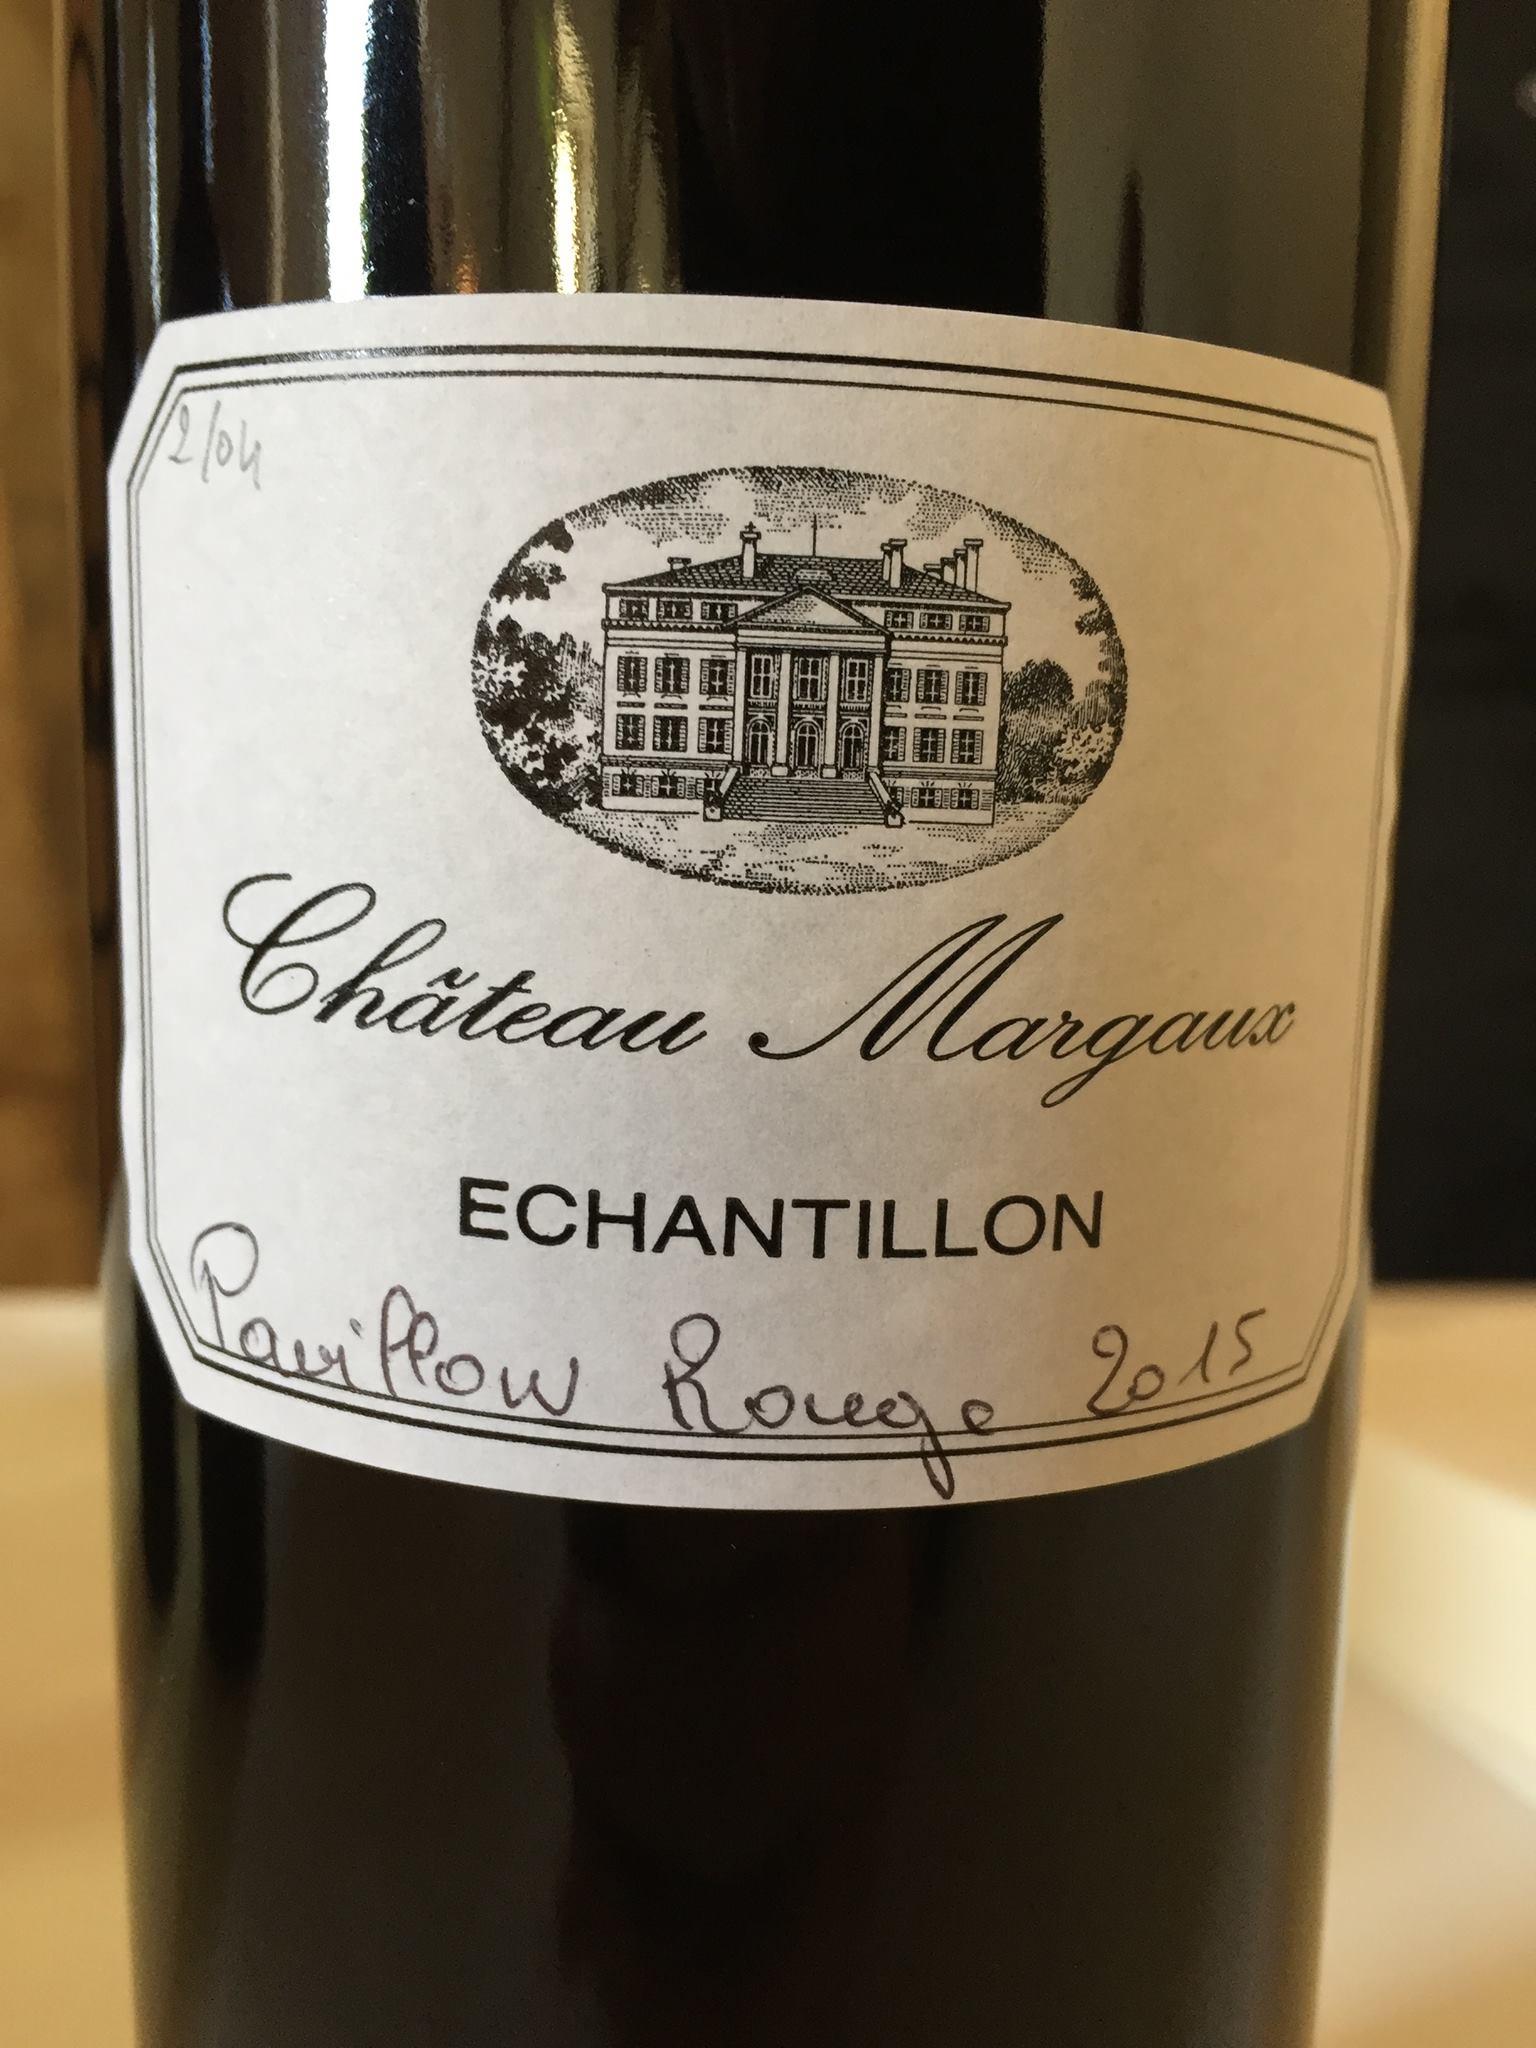 Château Margaux – Pavillon Rouge 2015 – Margaux